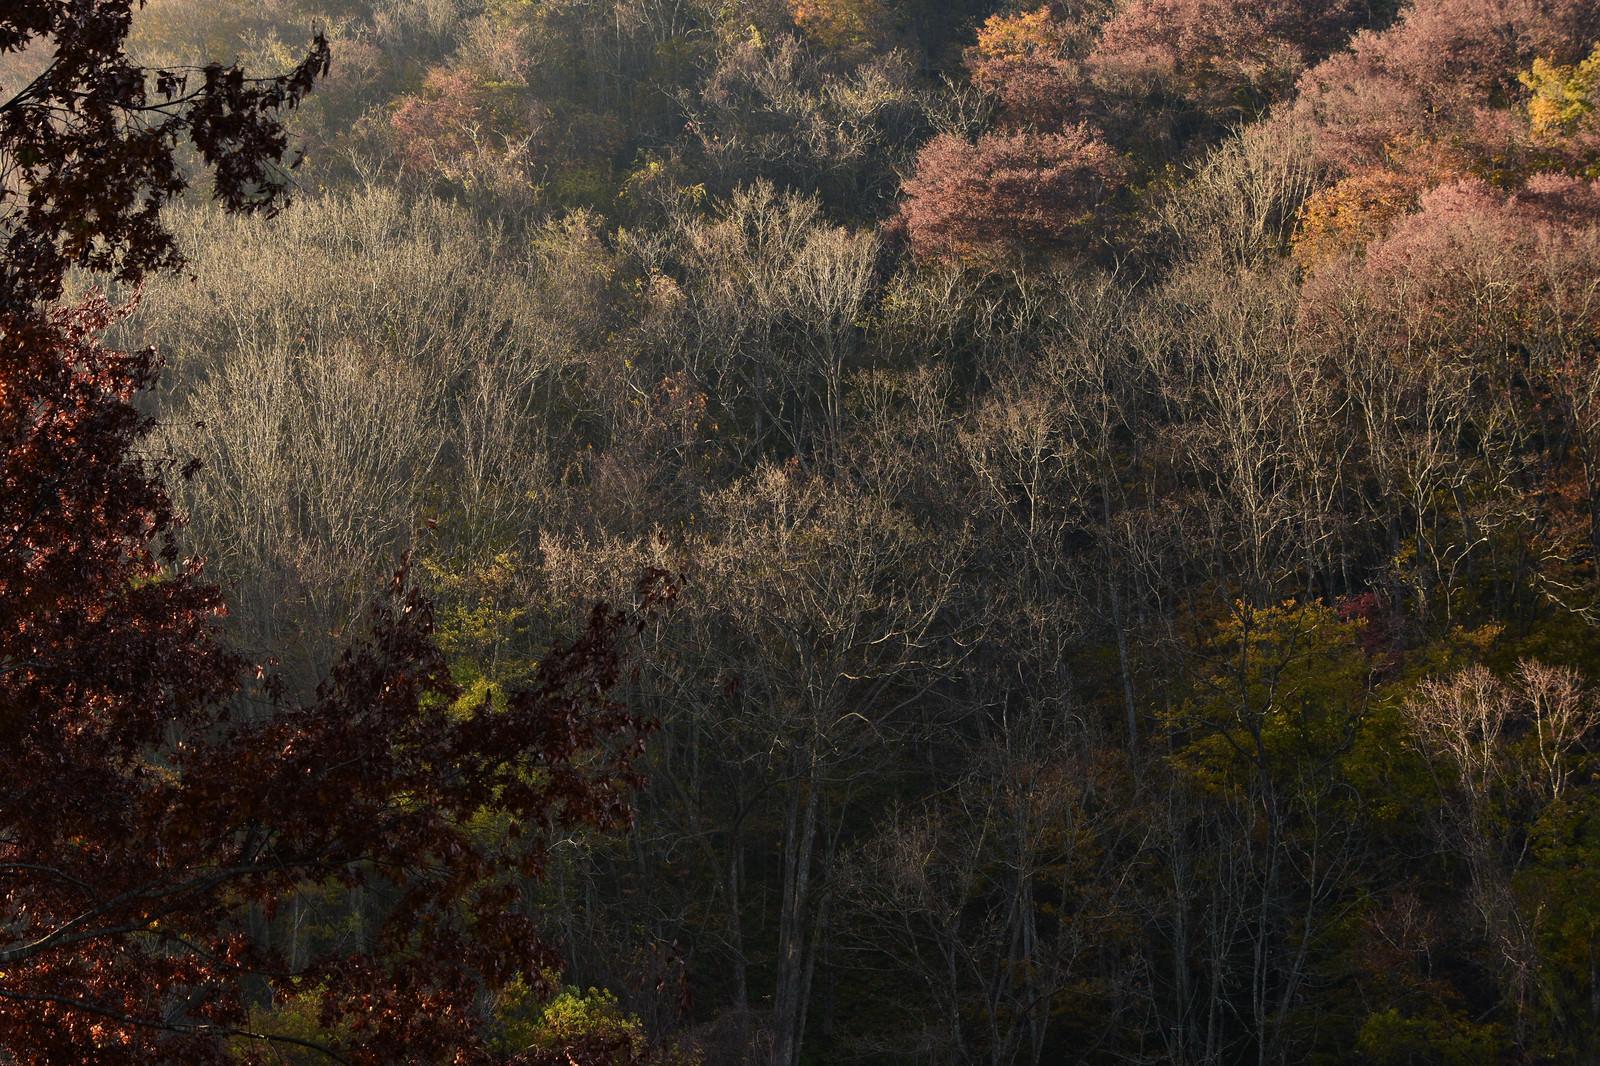 「朝日を浴びる冬枯れの木々」の写真